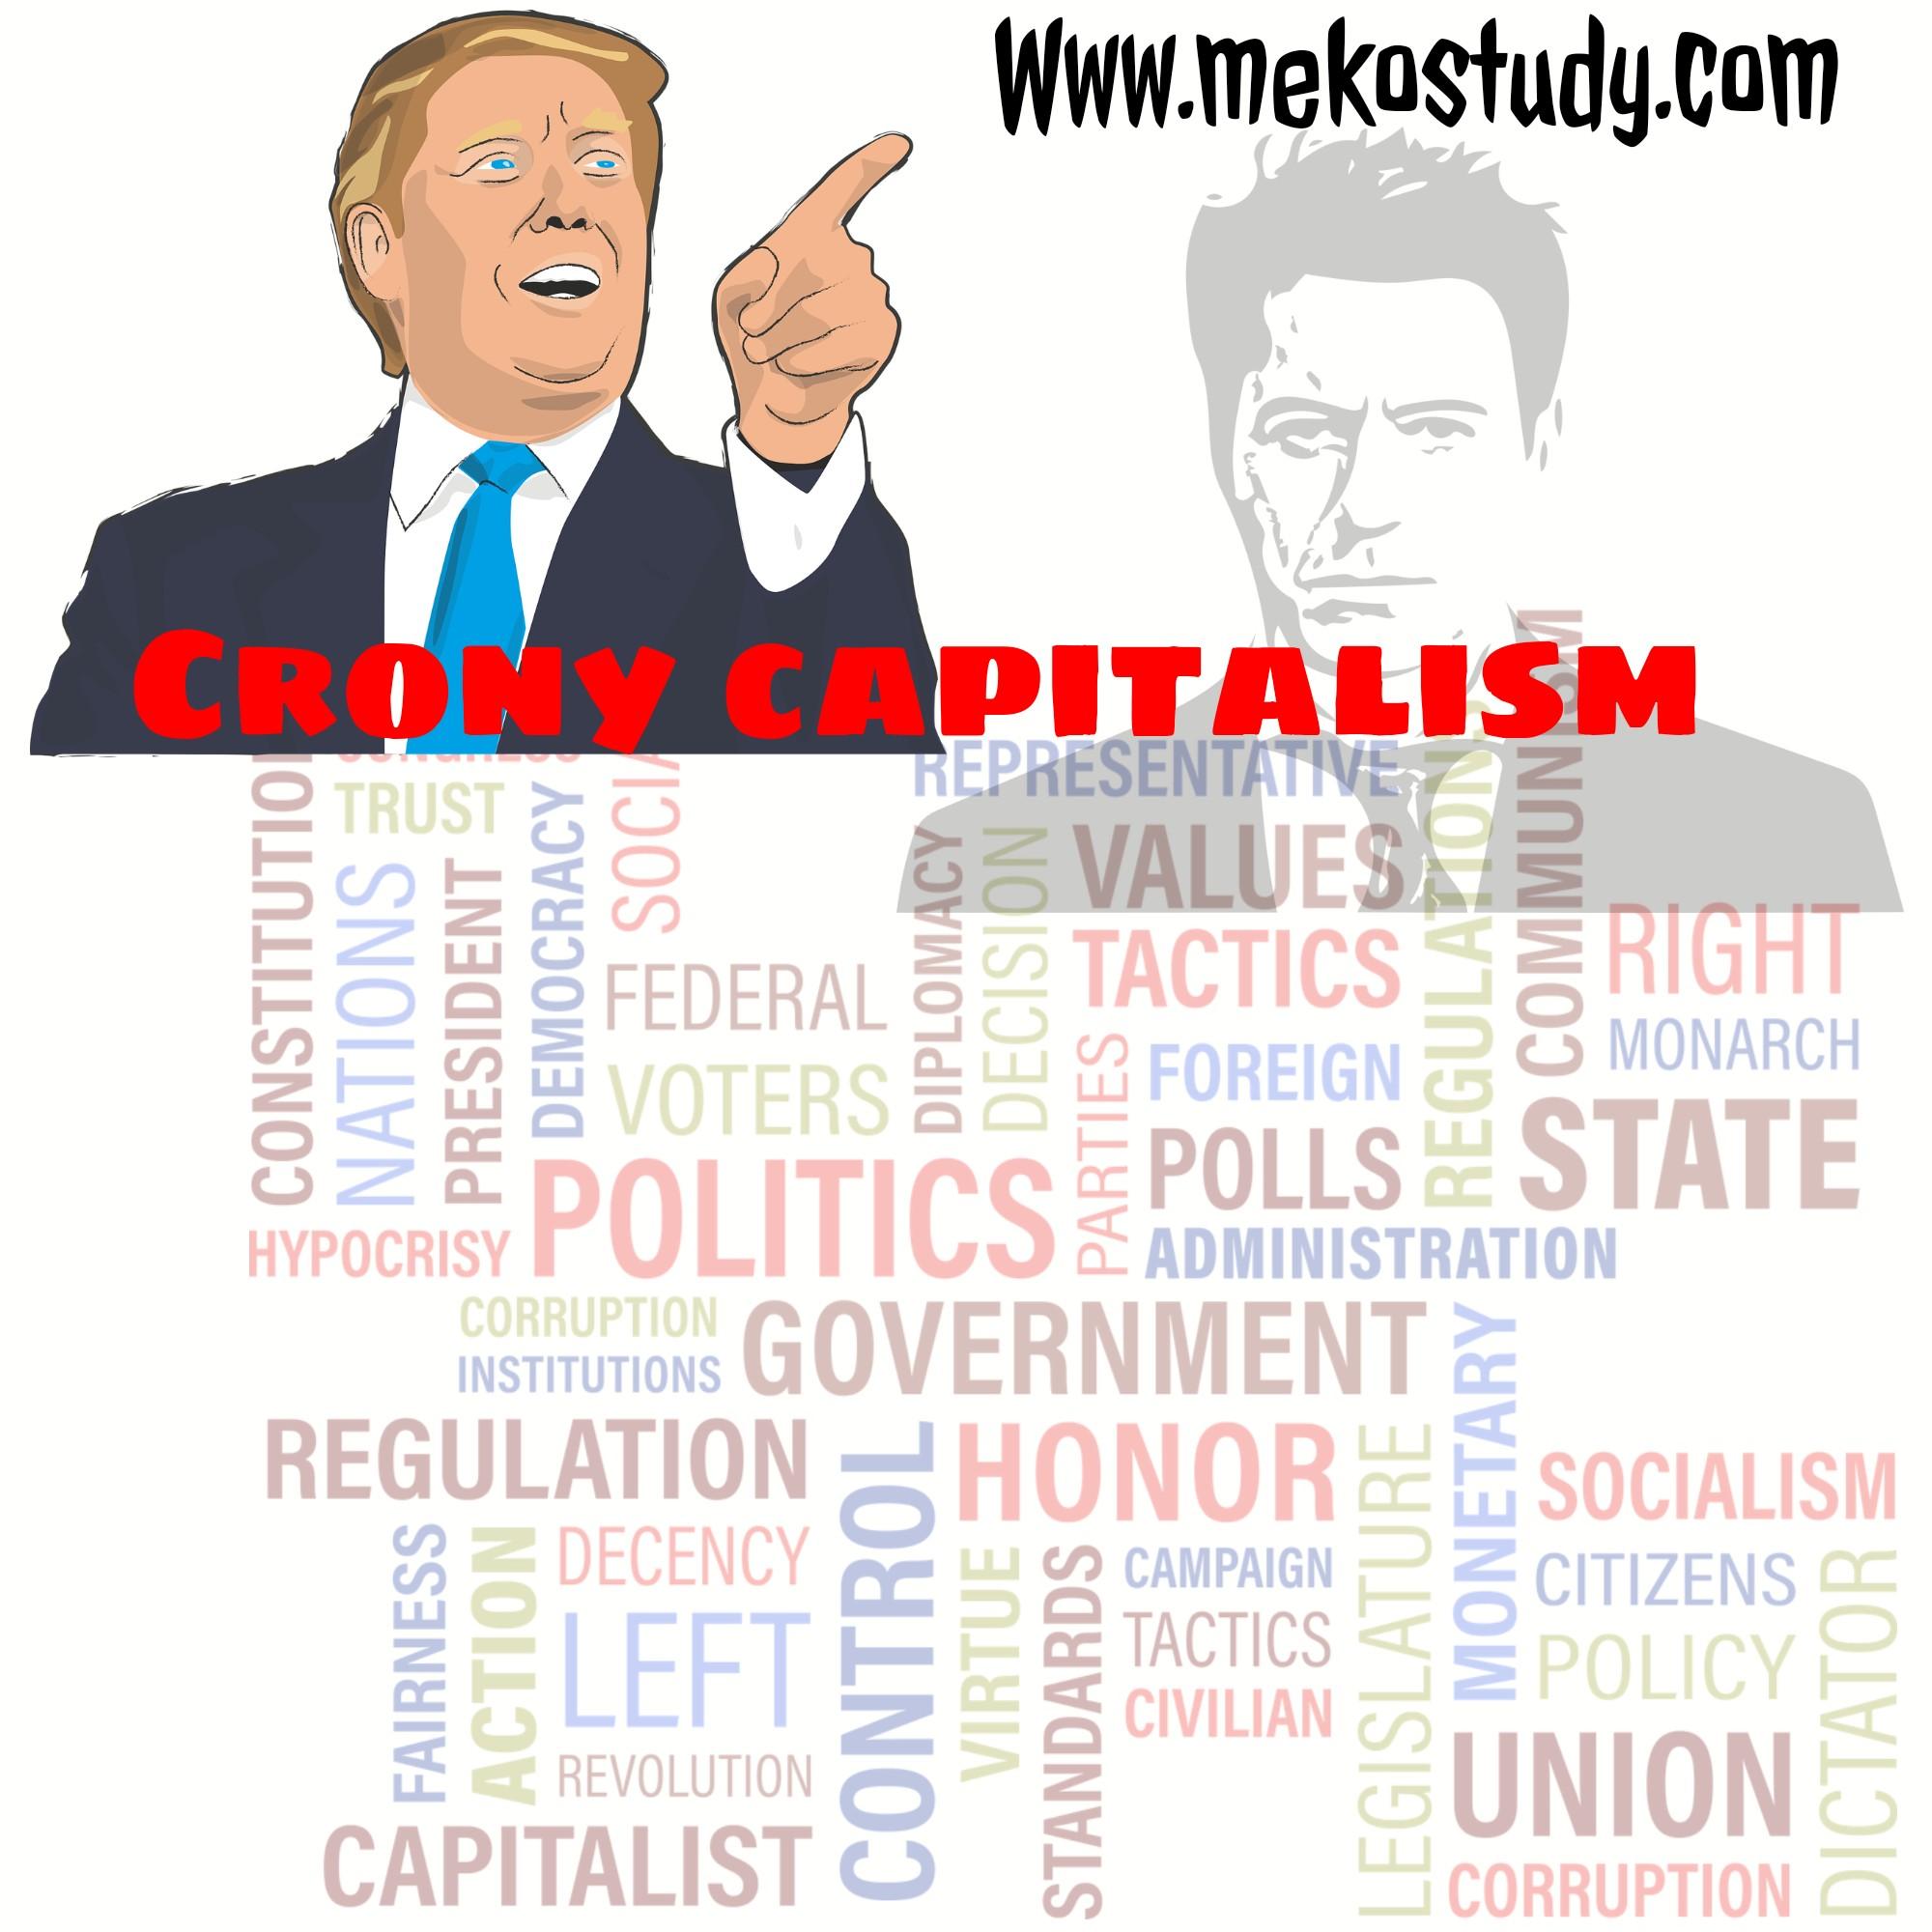 क्रोनी कैपिटलिज्म: क्या होता है? इसका अर्थ क्या है? इसका प्रभाव क्या-क्या हो सकता है?https://www.mekostudy.com/2020/07/crony-capitalism-what-is-Crony-Capitalism-what-is.html